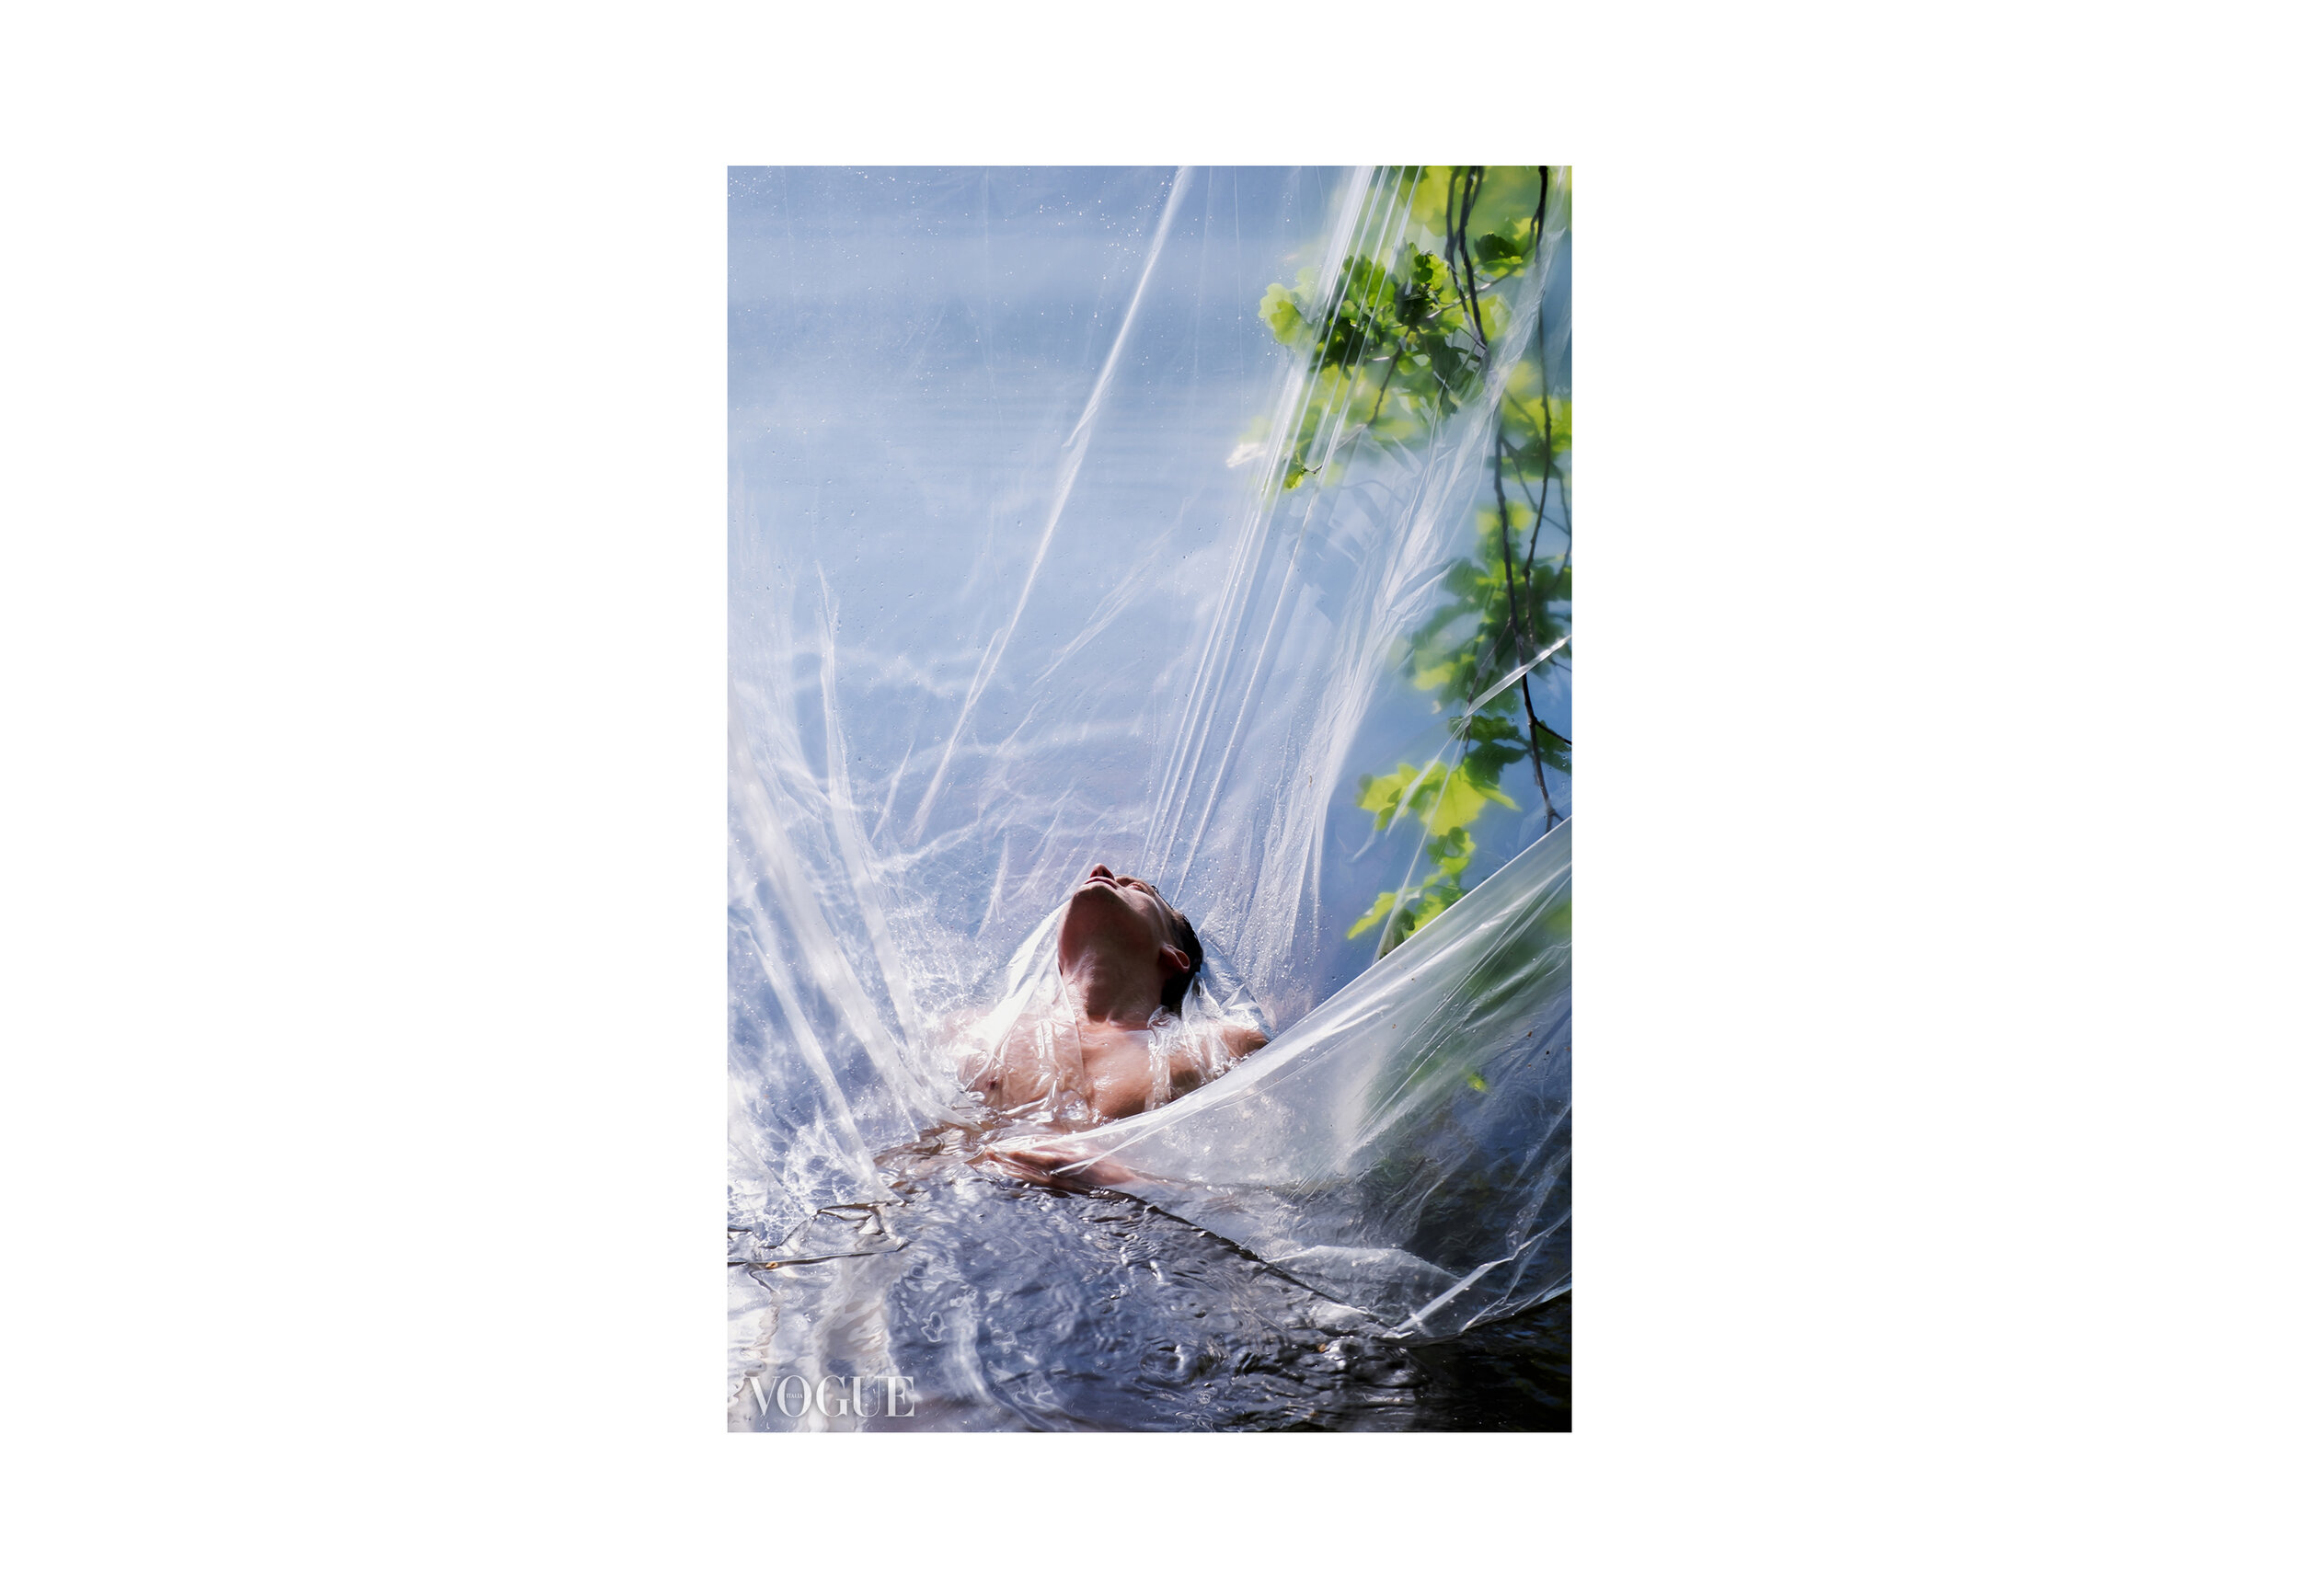 Frederic-Klein-Water-Photo-Vogue-Italia-Matthew-Coleman-Photography.jpg